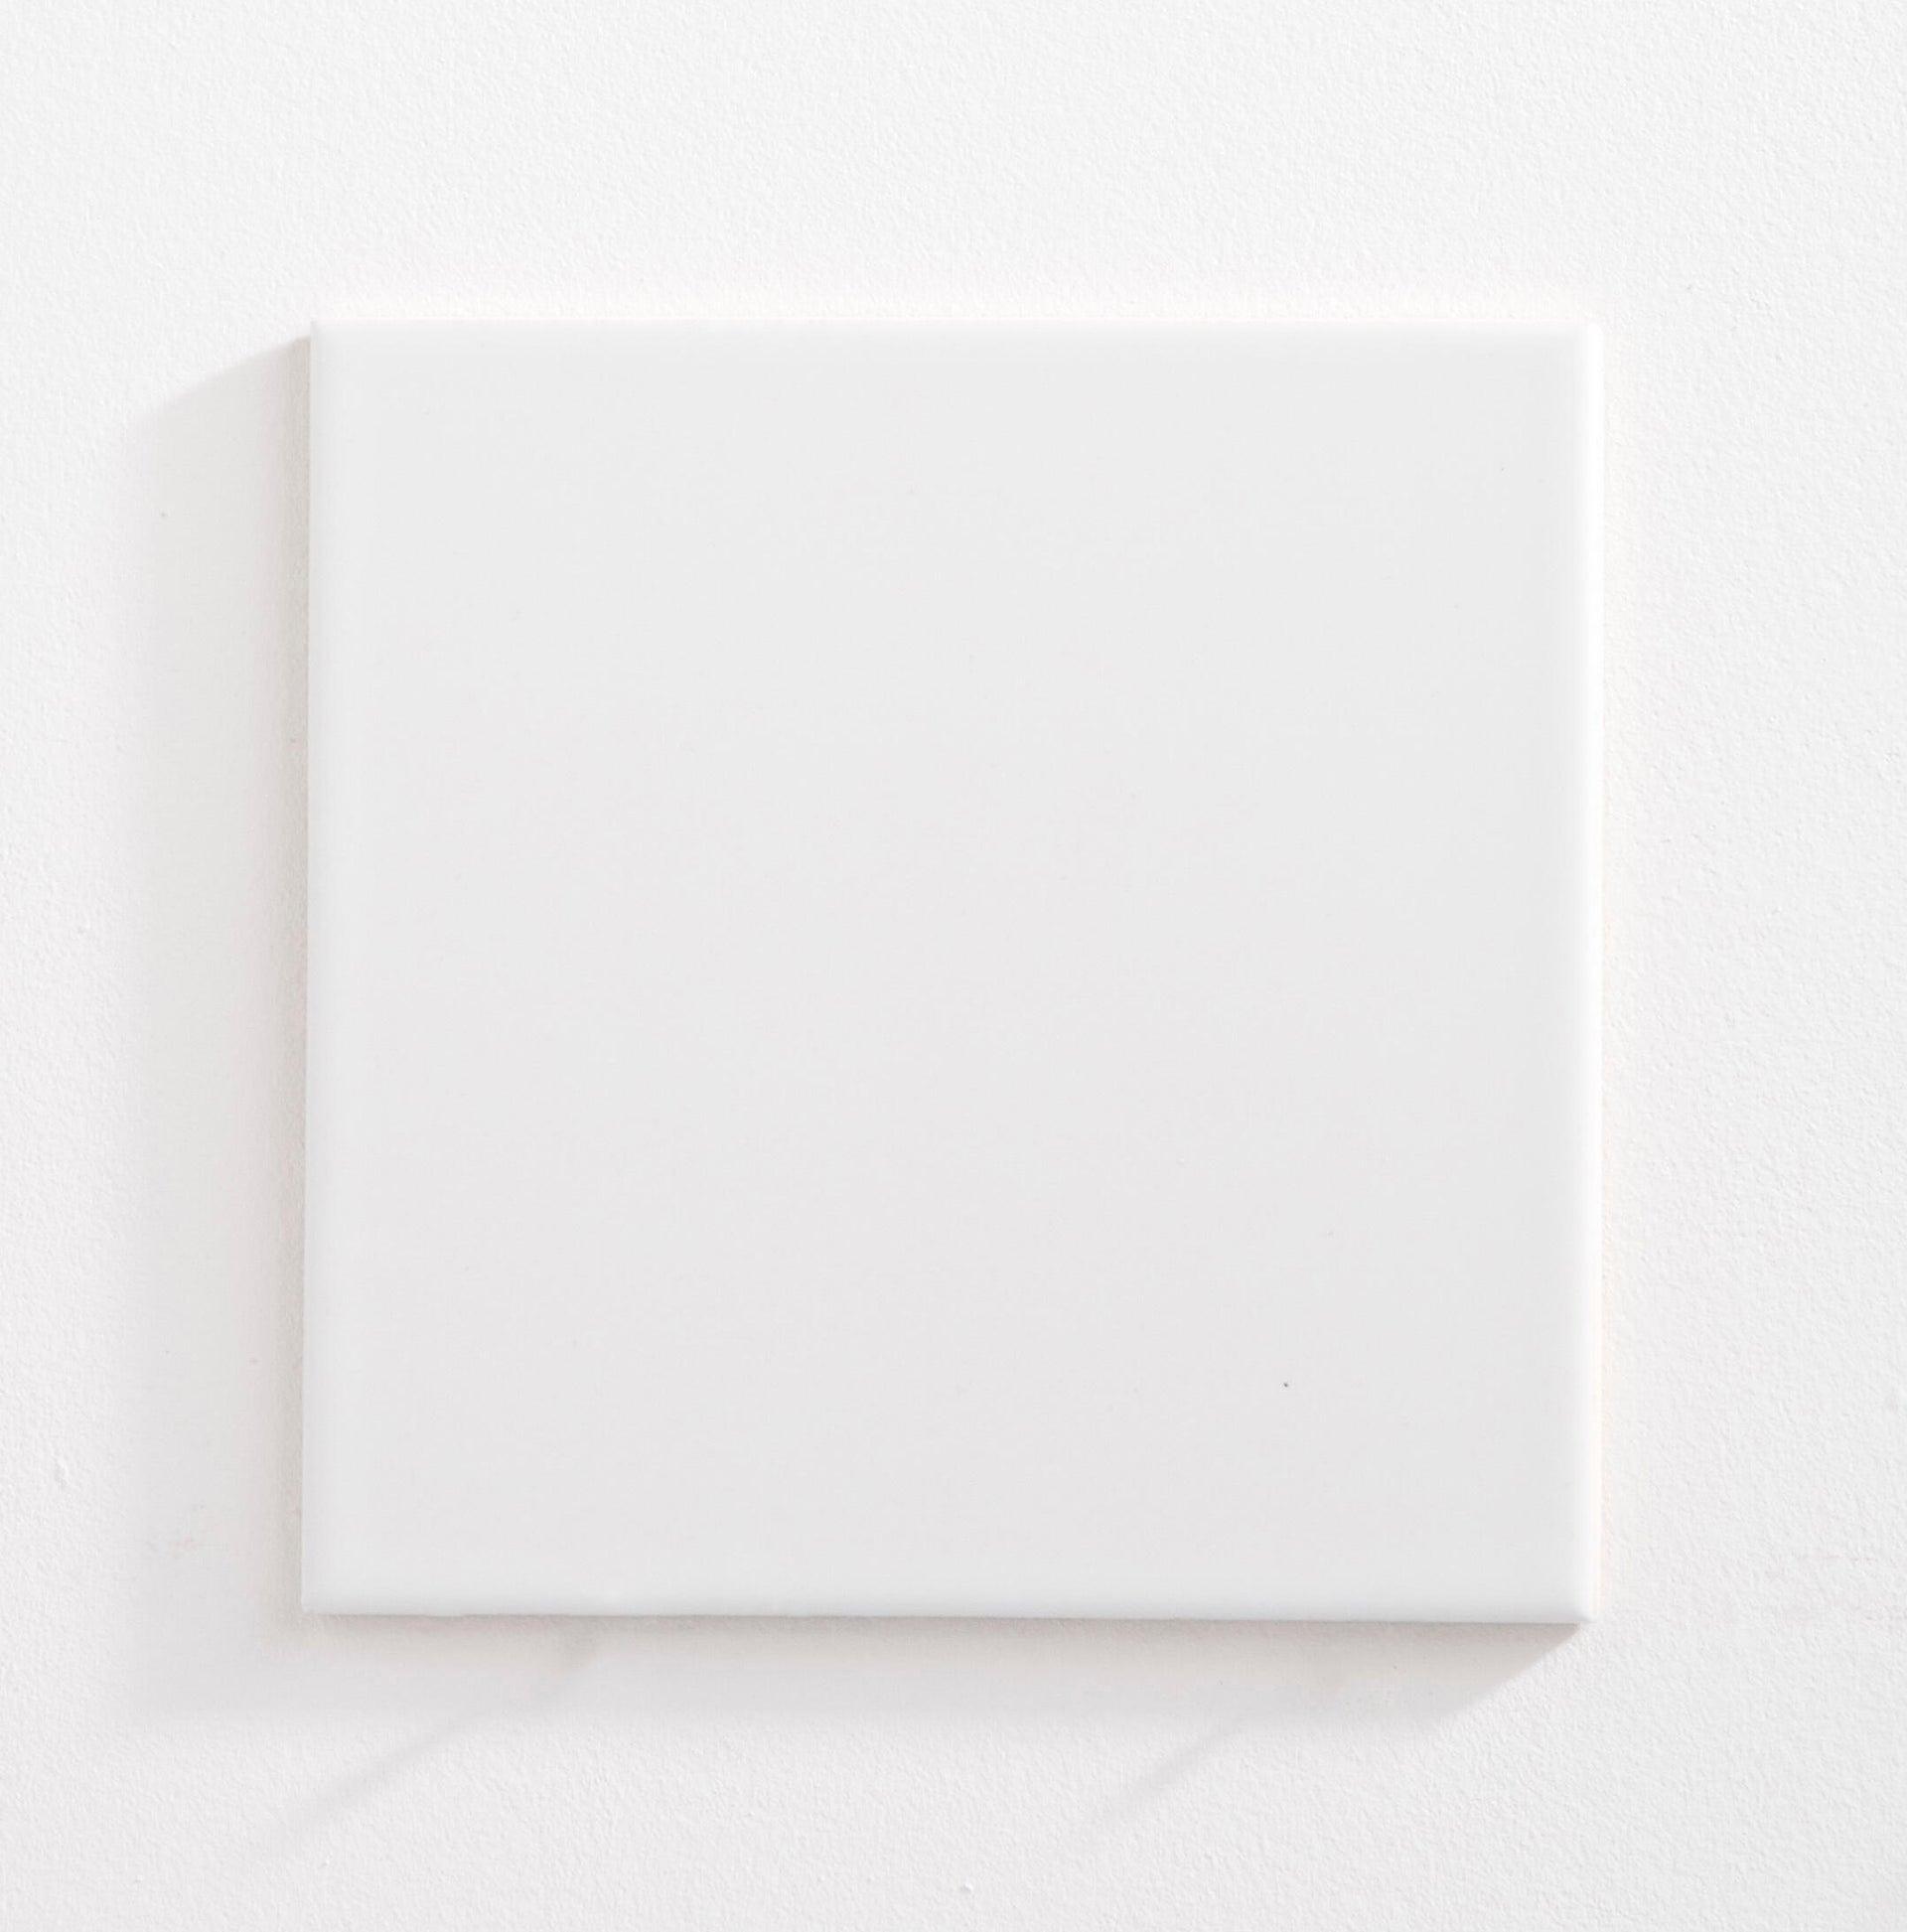 Piastrella per rivestimenti Brillant 15 x 15 cm sp. 6.5 mm bianco - 9